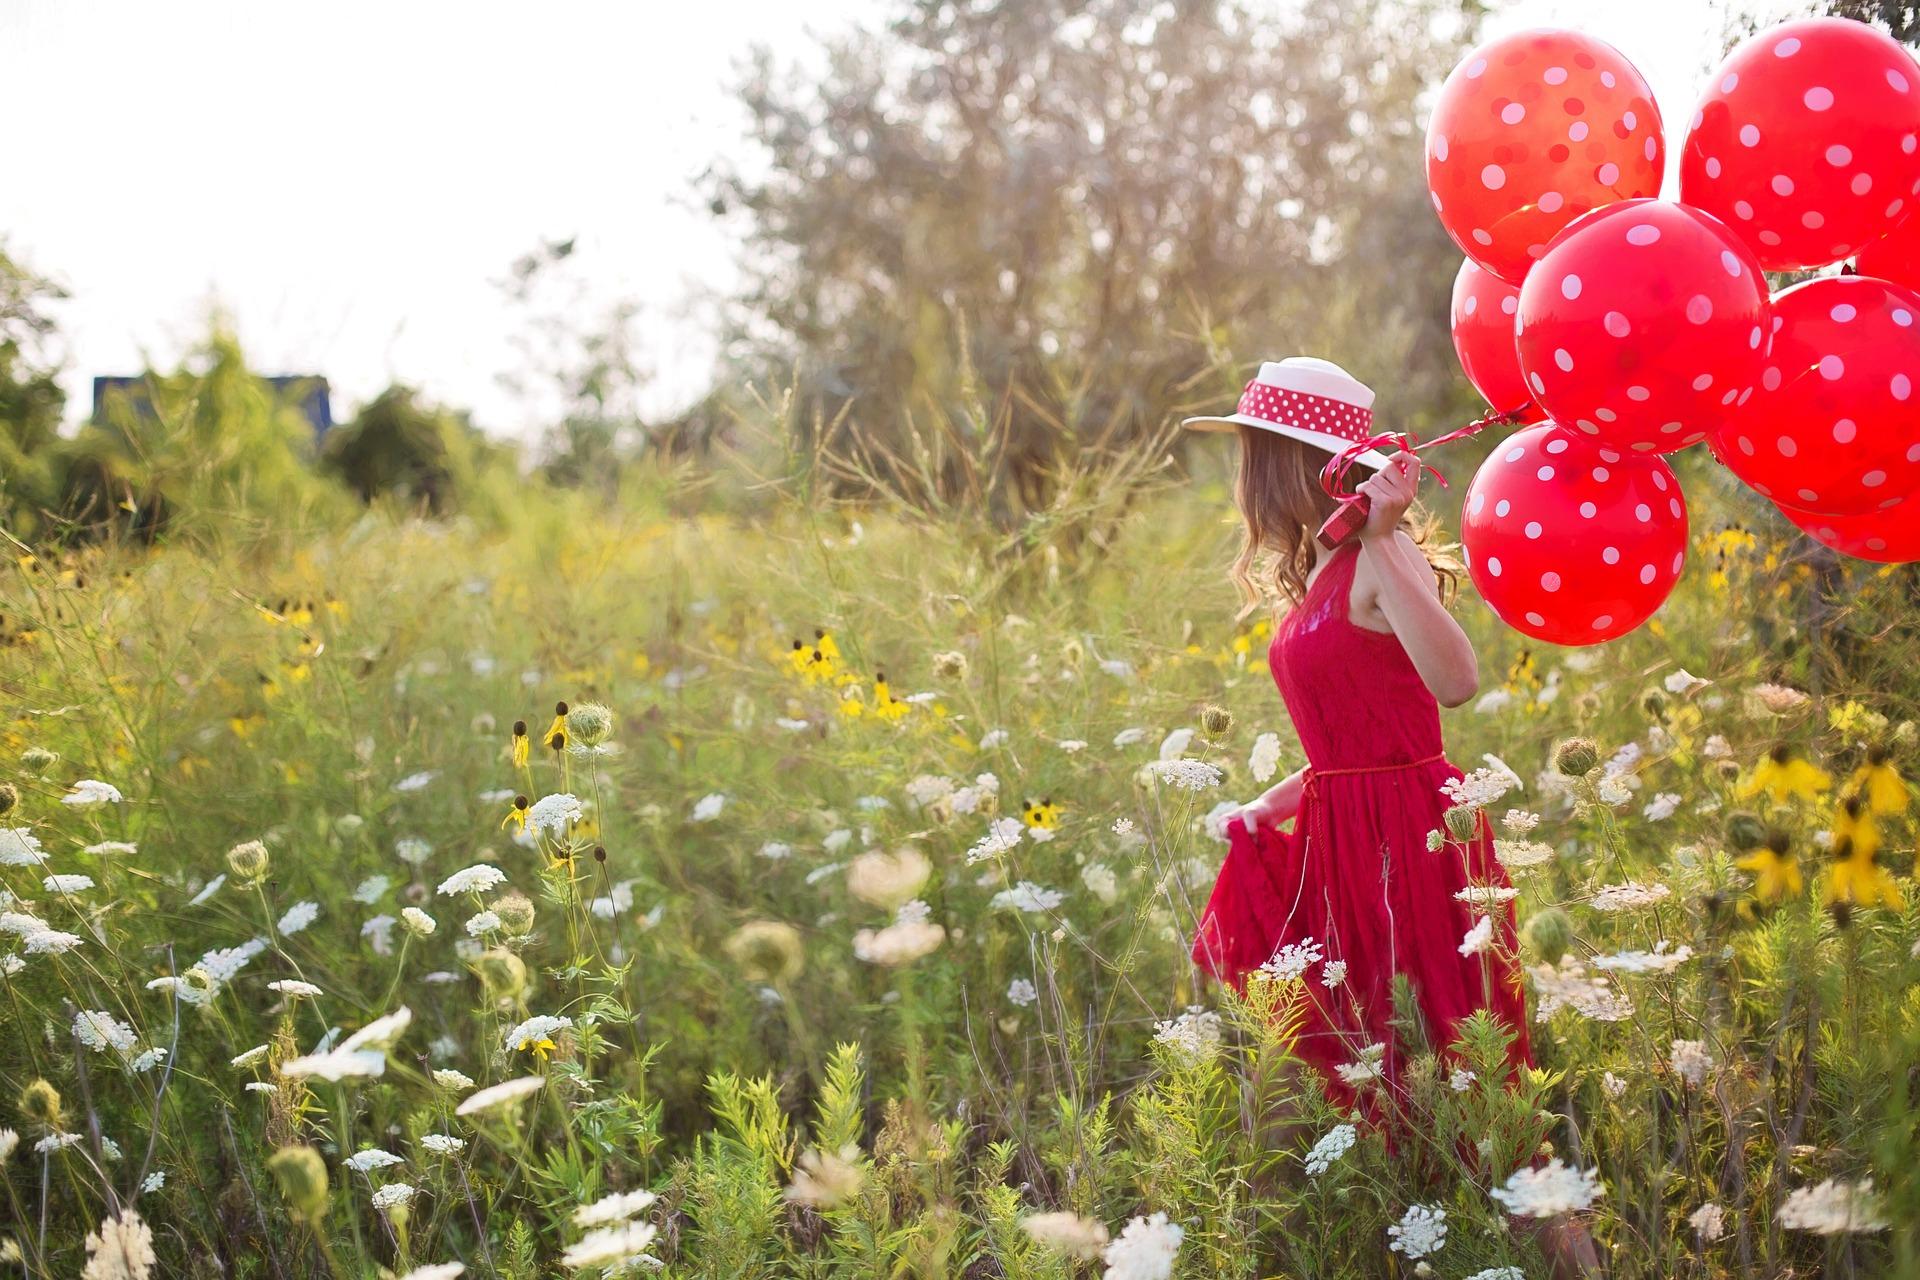 Foto: Frau mit rotem Kleid und Luftballons läuft durch eine Blumenwiese